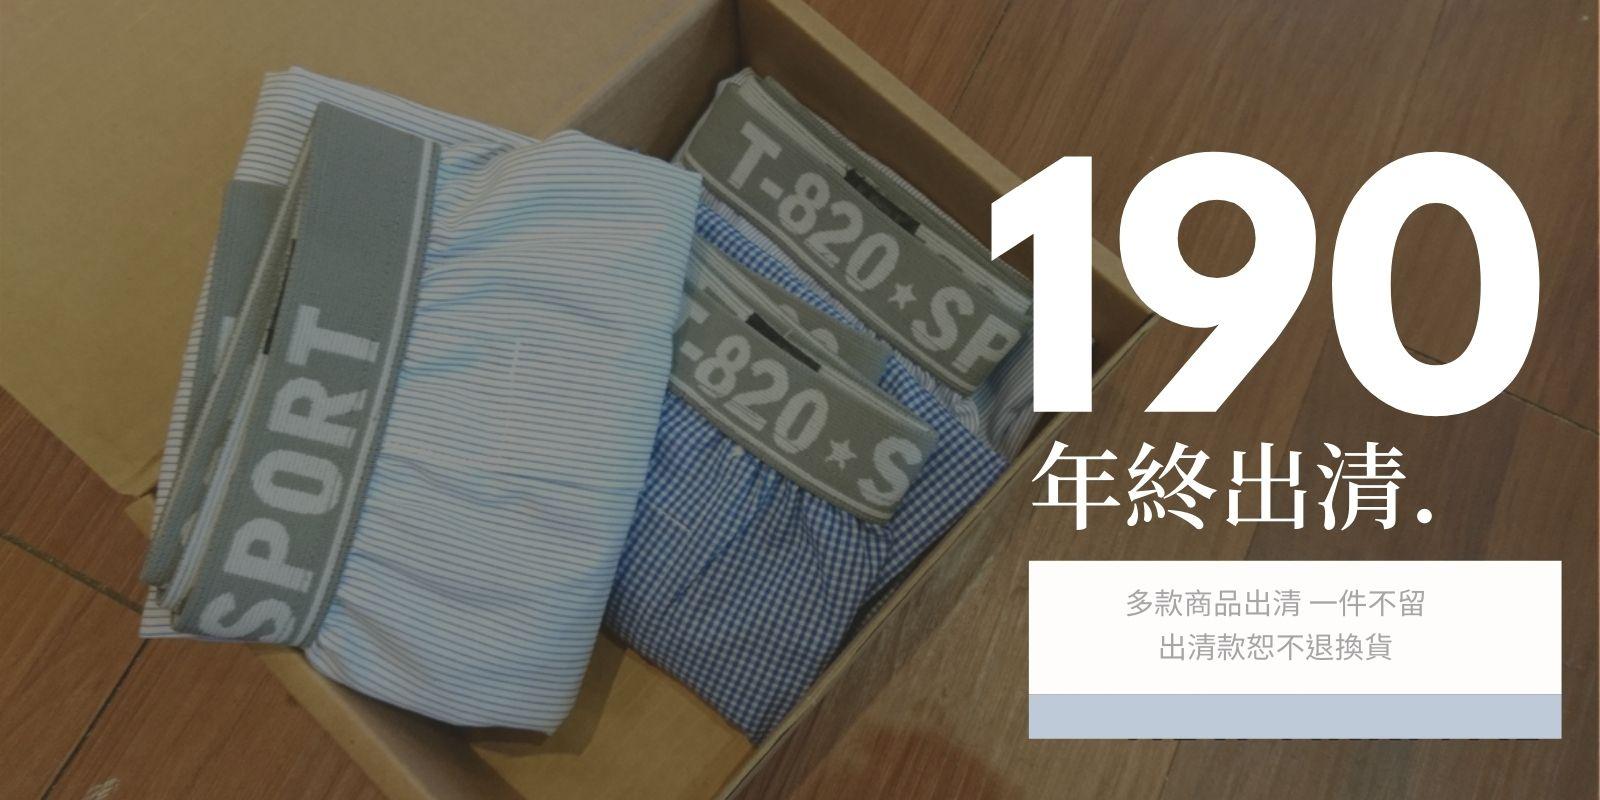 年中出清-束胸內褲只要190元